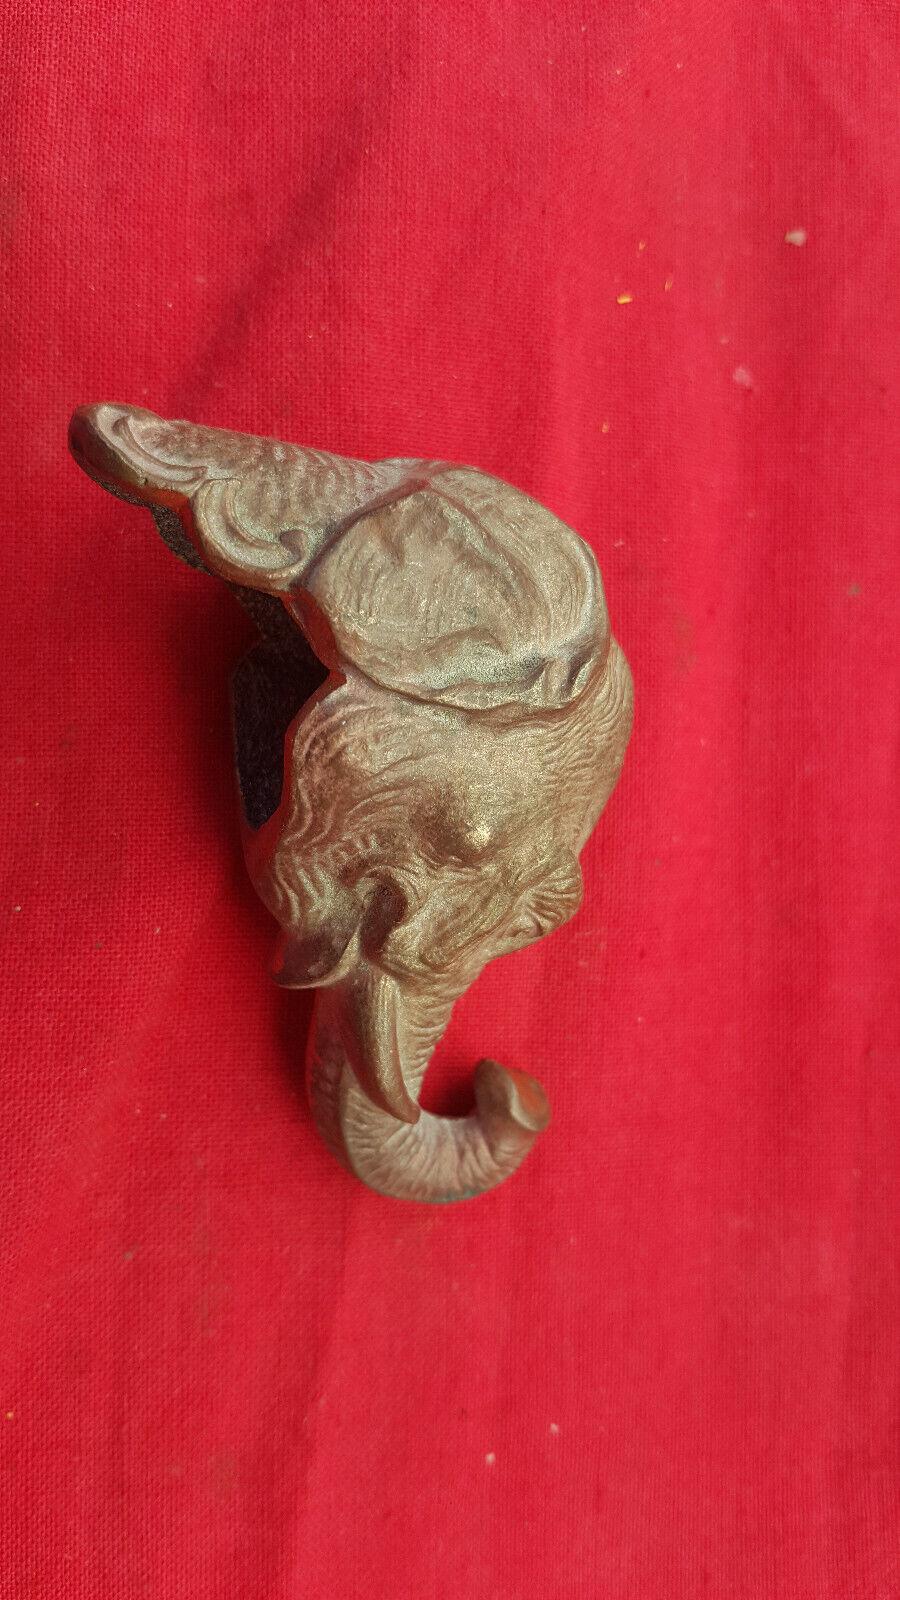 unbekante dolch dagger degen säbel hirschfänger ? kopfschraube elefantenkopf wk2